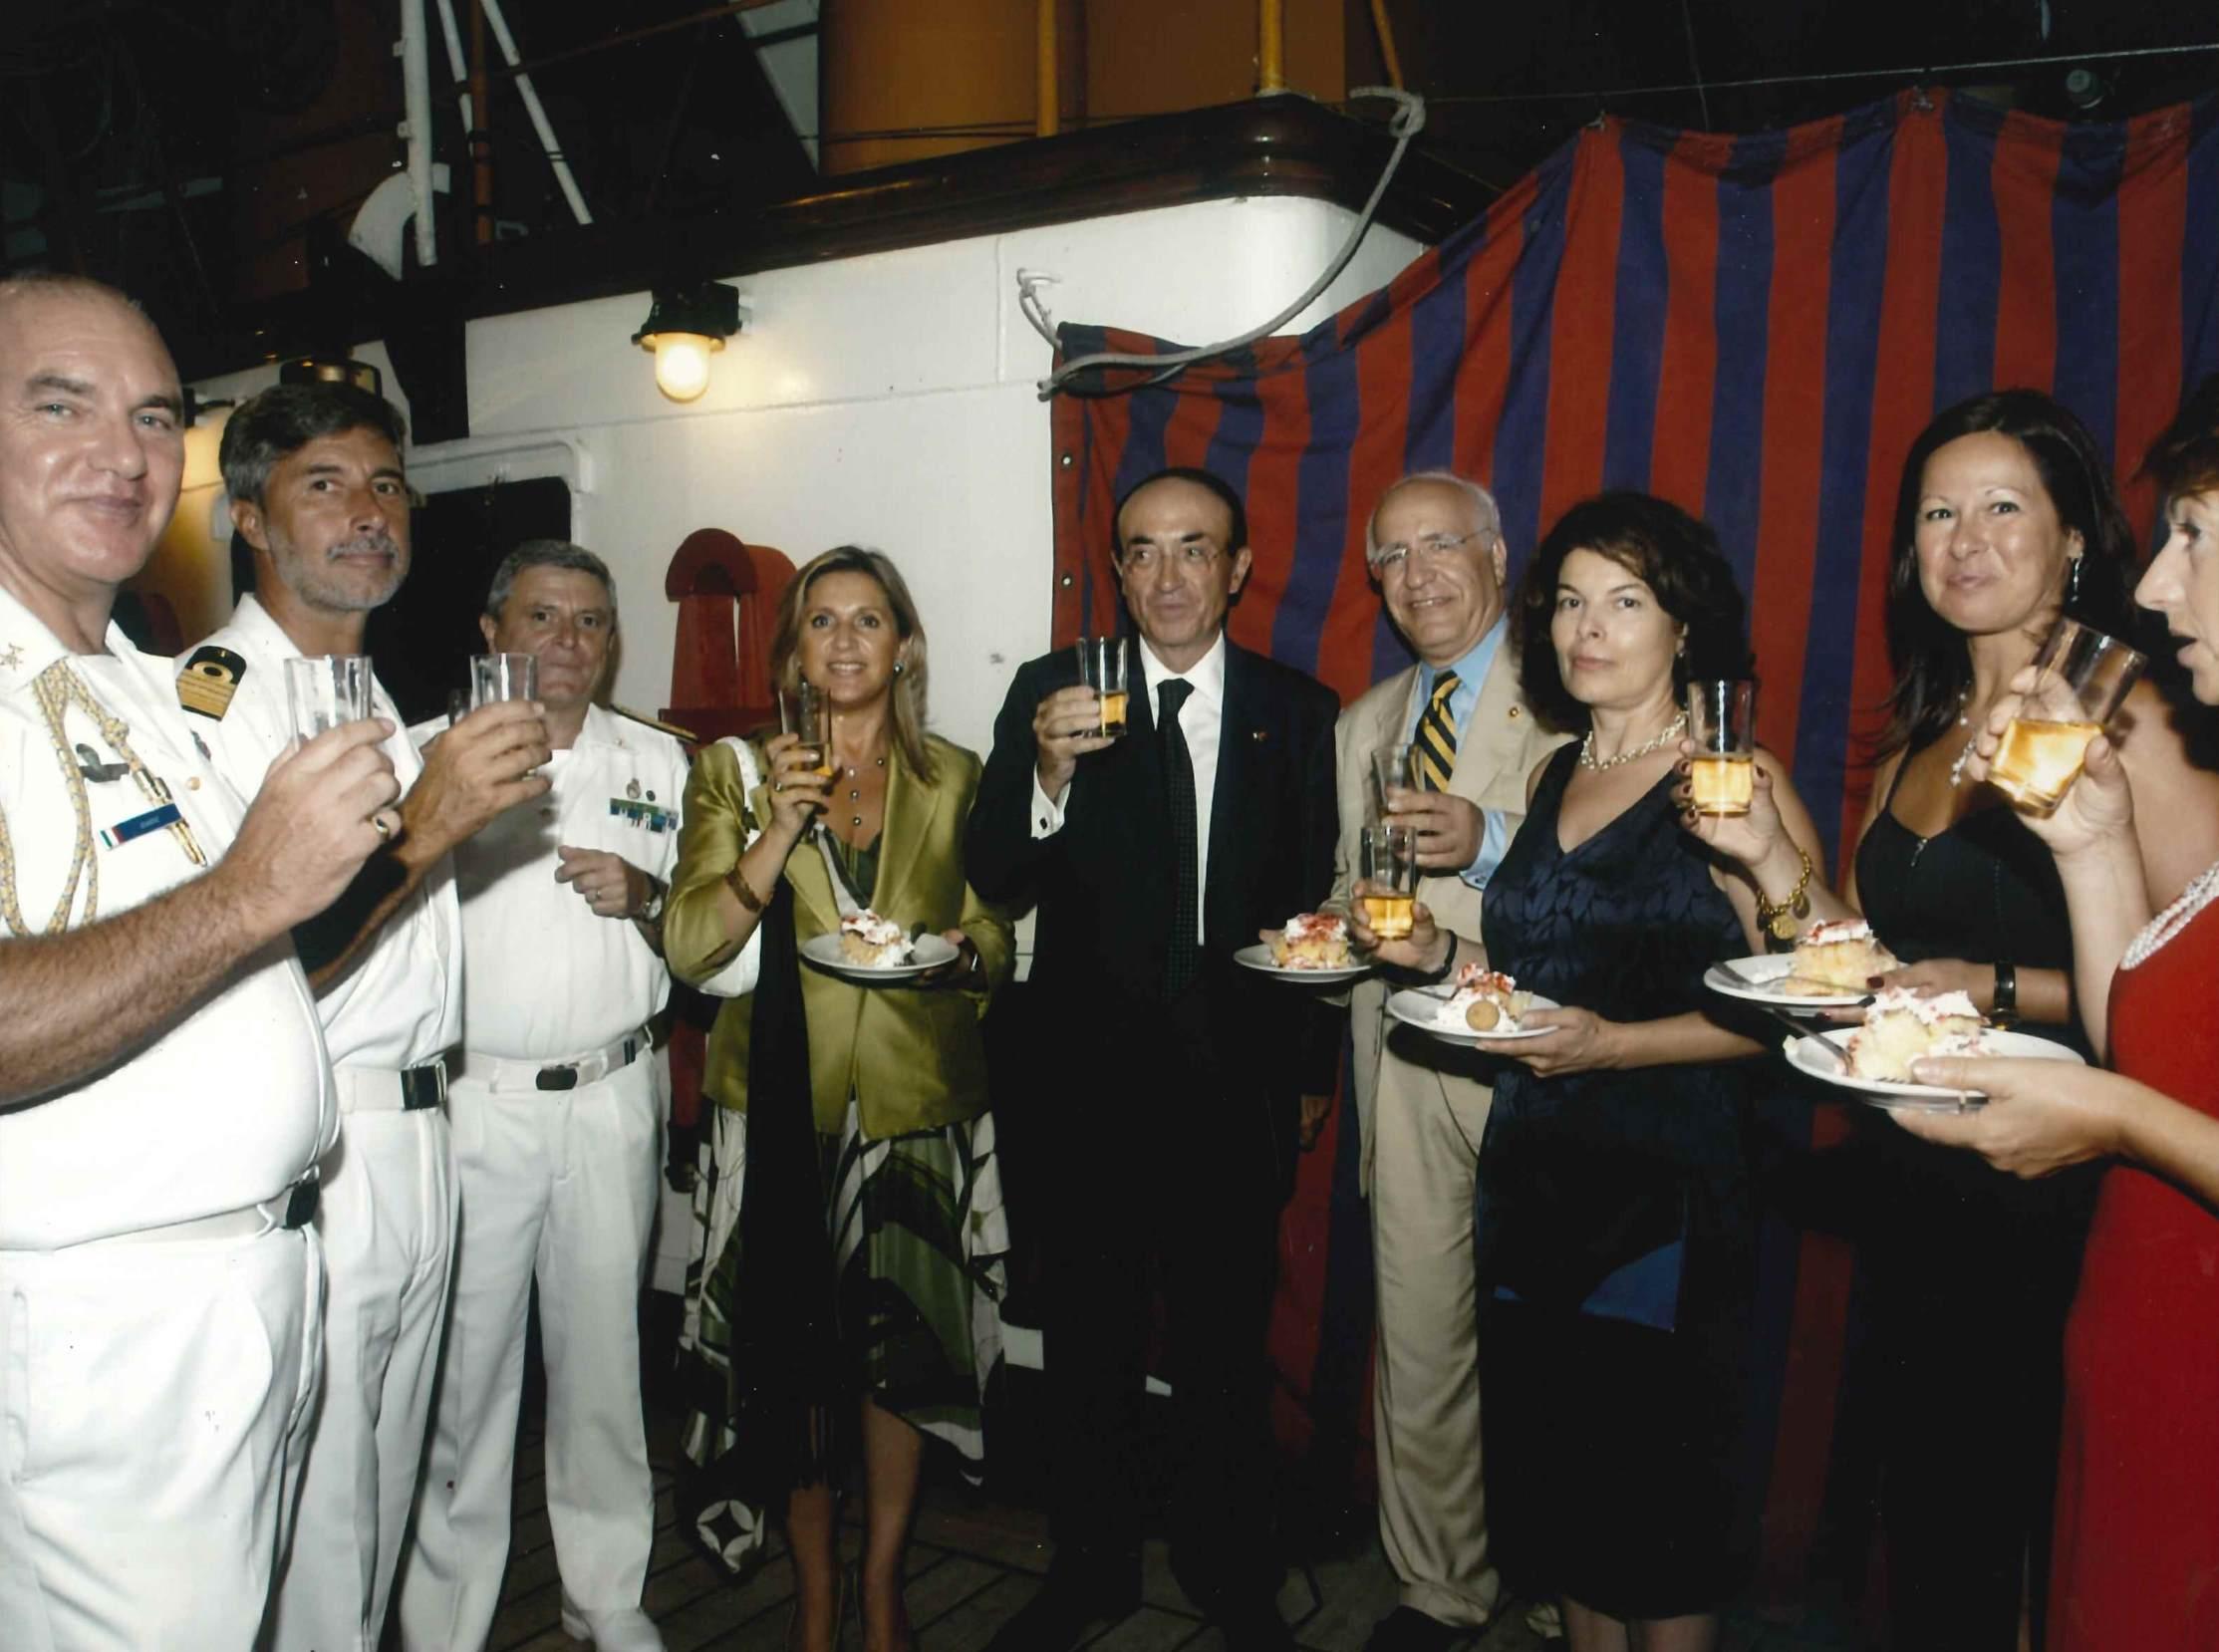 Instanbul, Veliero Amerigo Vespucci, 20 agosto 2004 - Comandante Carlo Bottoni, Ambasciatore Carlo Marsili e il Presidente della Commissione Esteri Mehmet Dulger